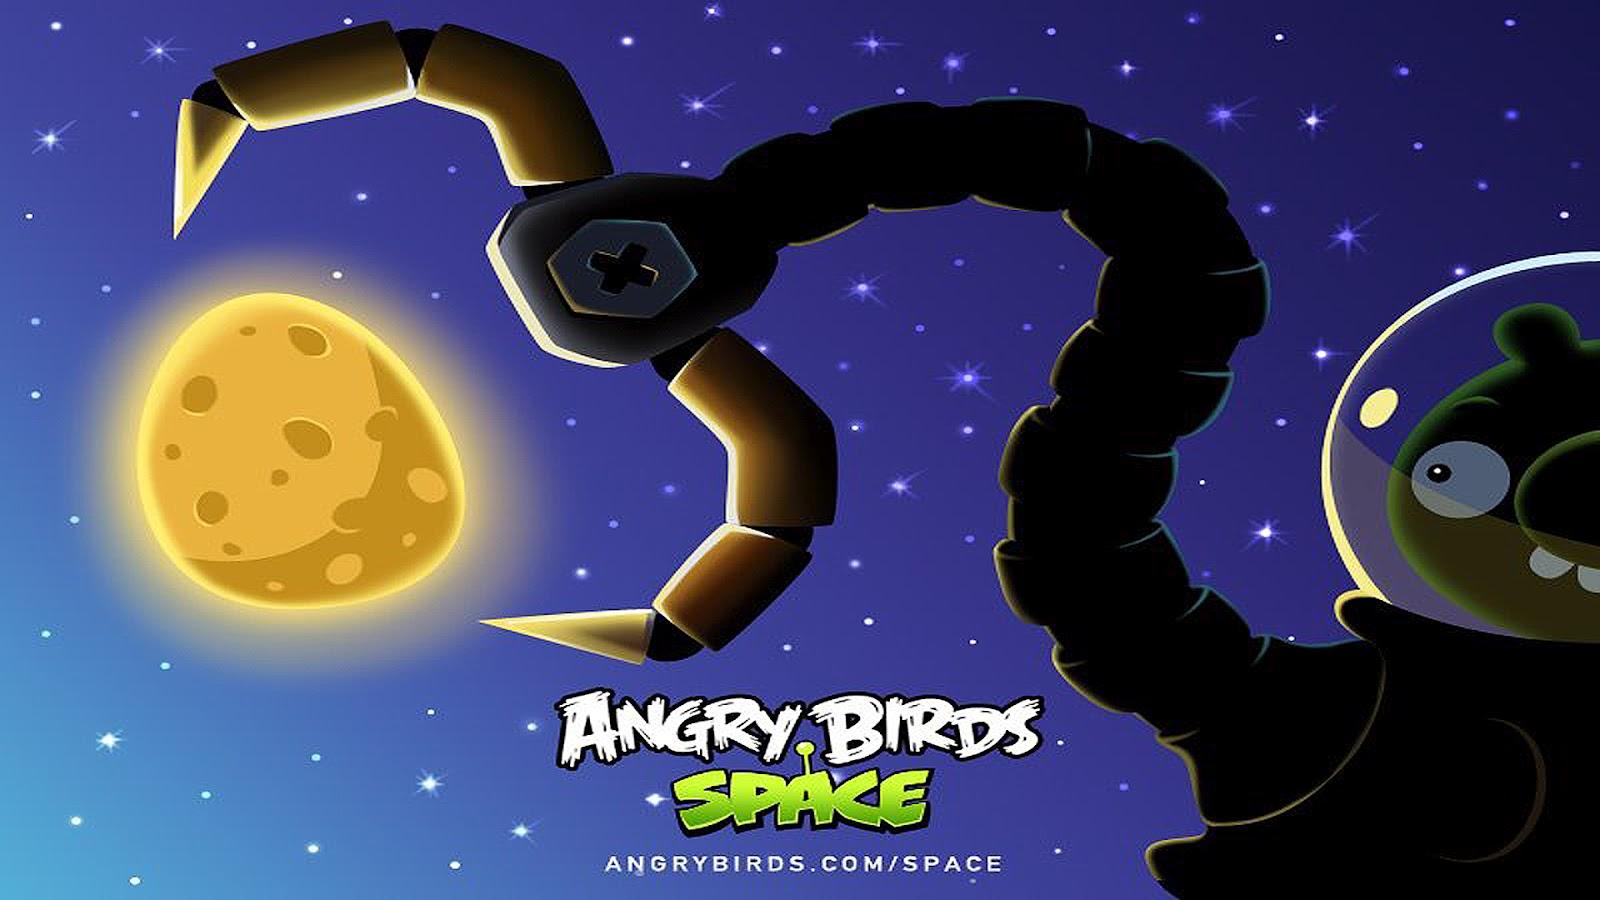 http://3.bp.blogspot.com/-WRFTRXlbPyU/UBFq5MgDU1I/AAAAAAAAD6Q/Onb27W9WJiA/s1600/angry-birds-wallpapers+%285%29.jpg